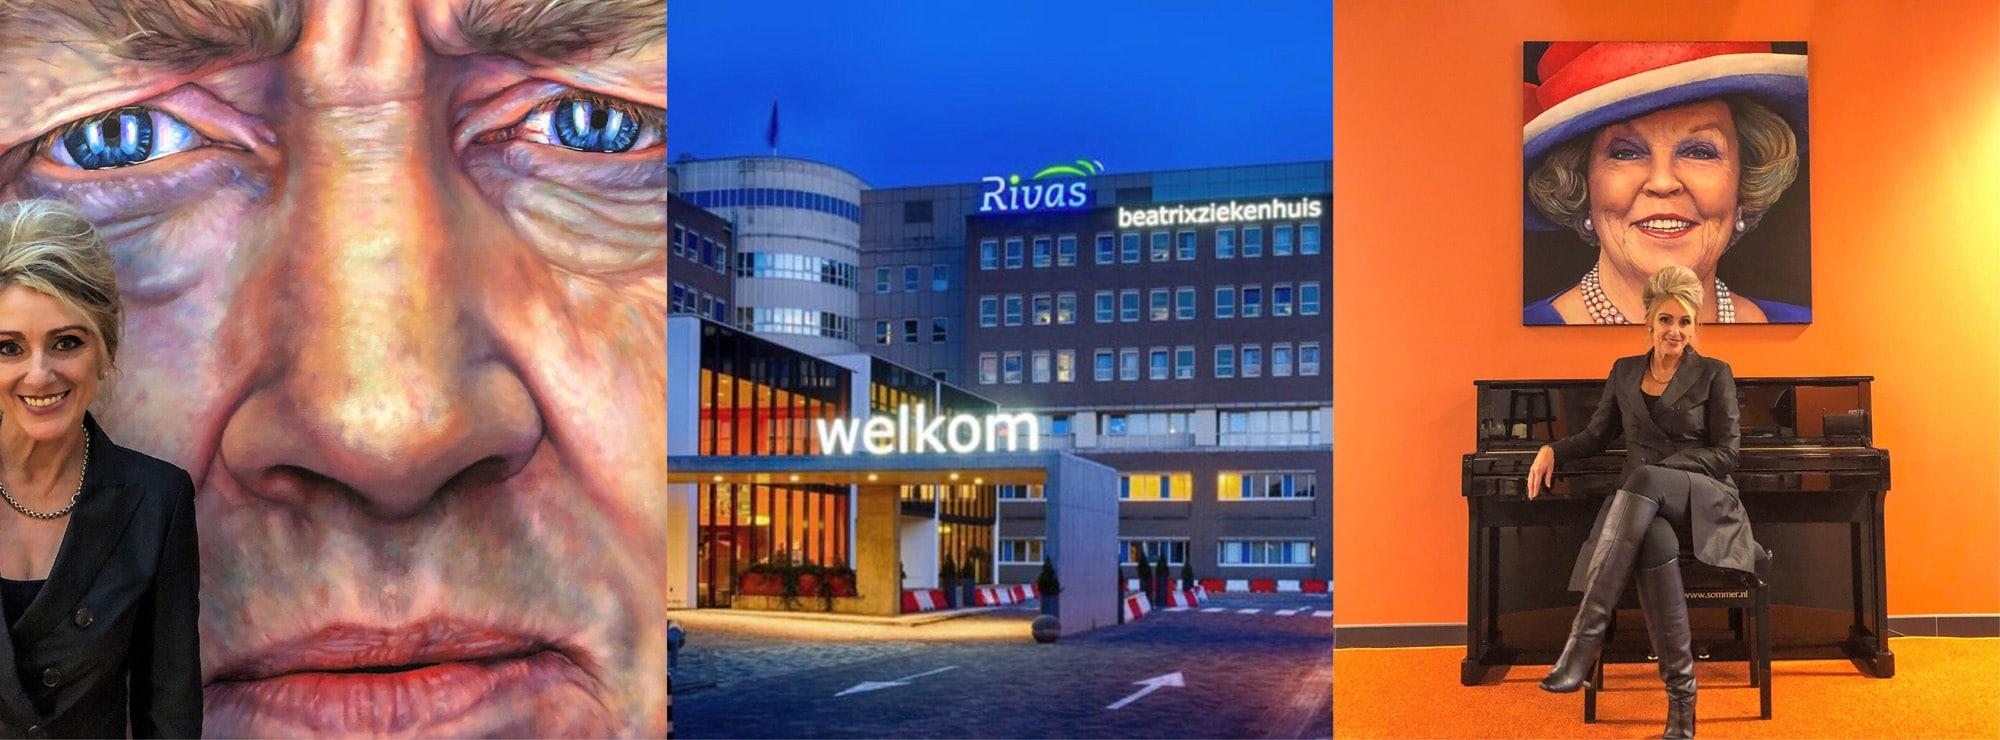 Bij item 1 Beatrix ziekenhuis Gorinchem